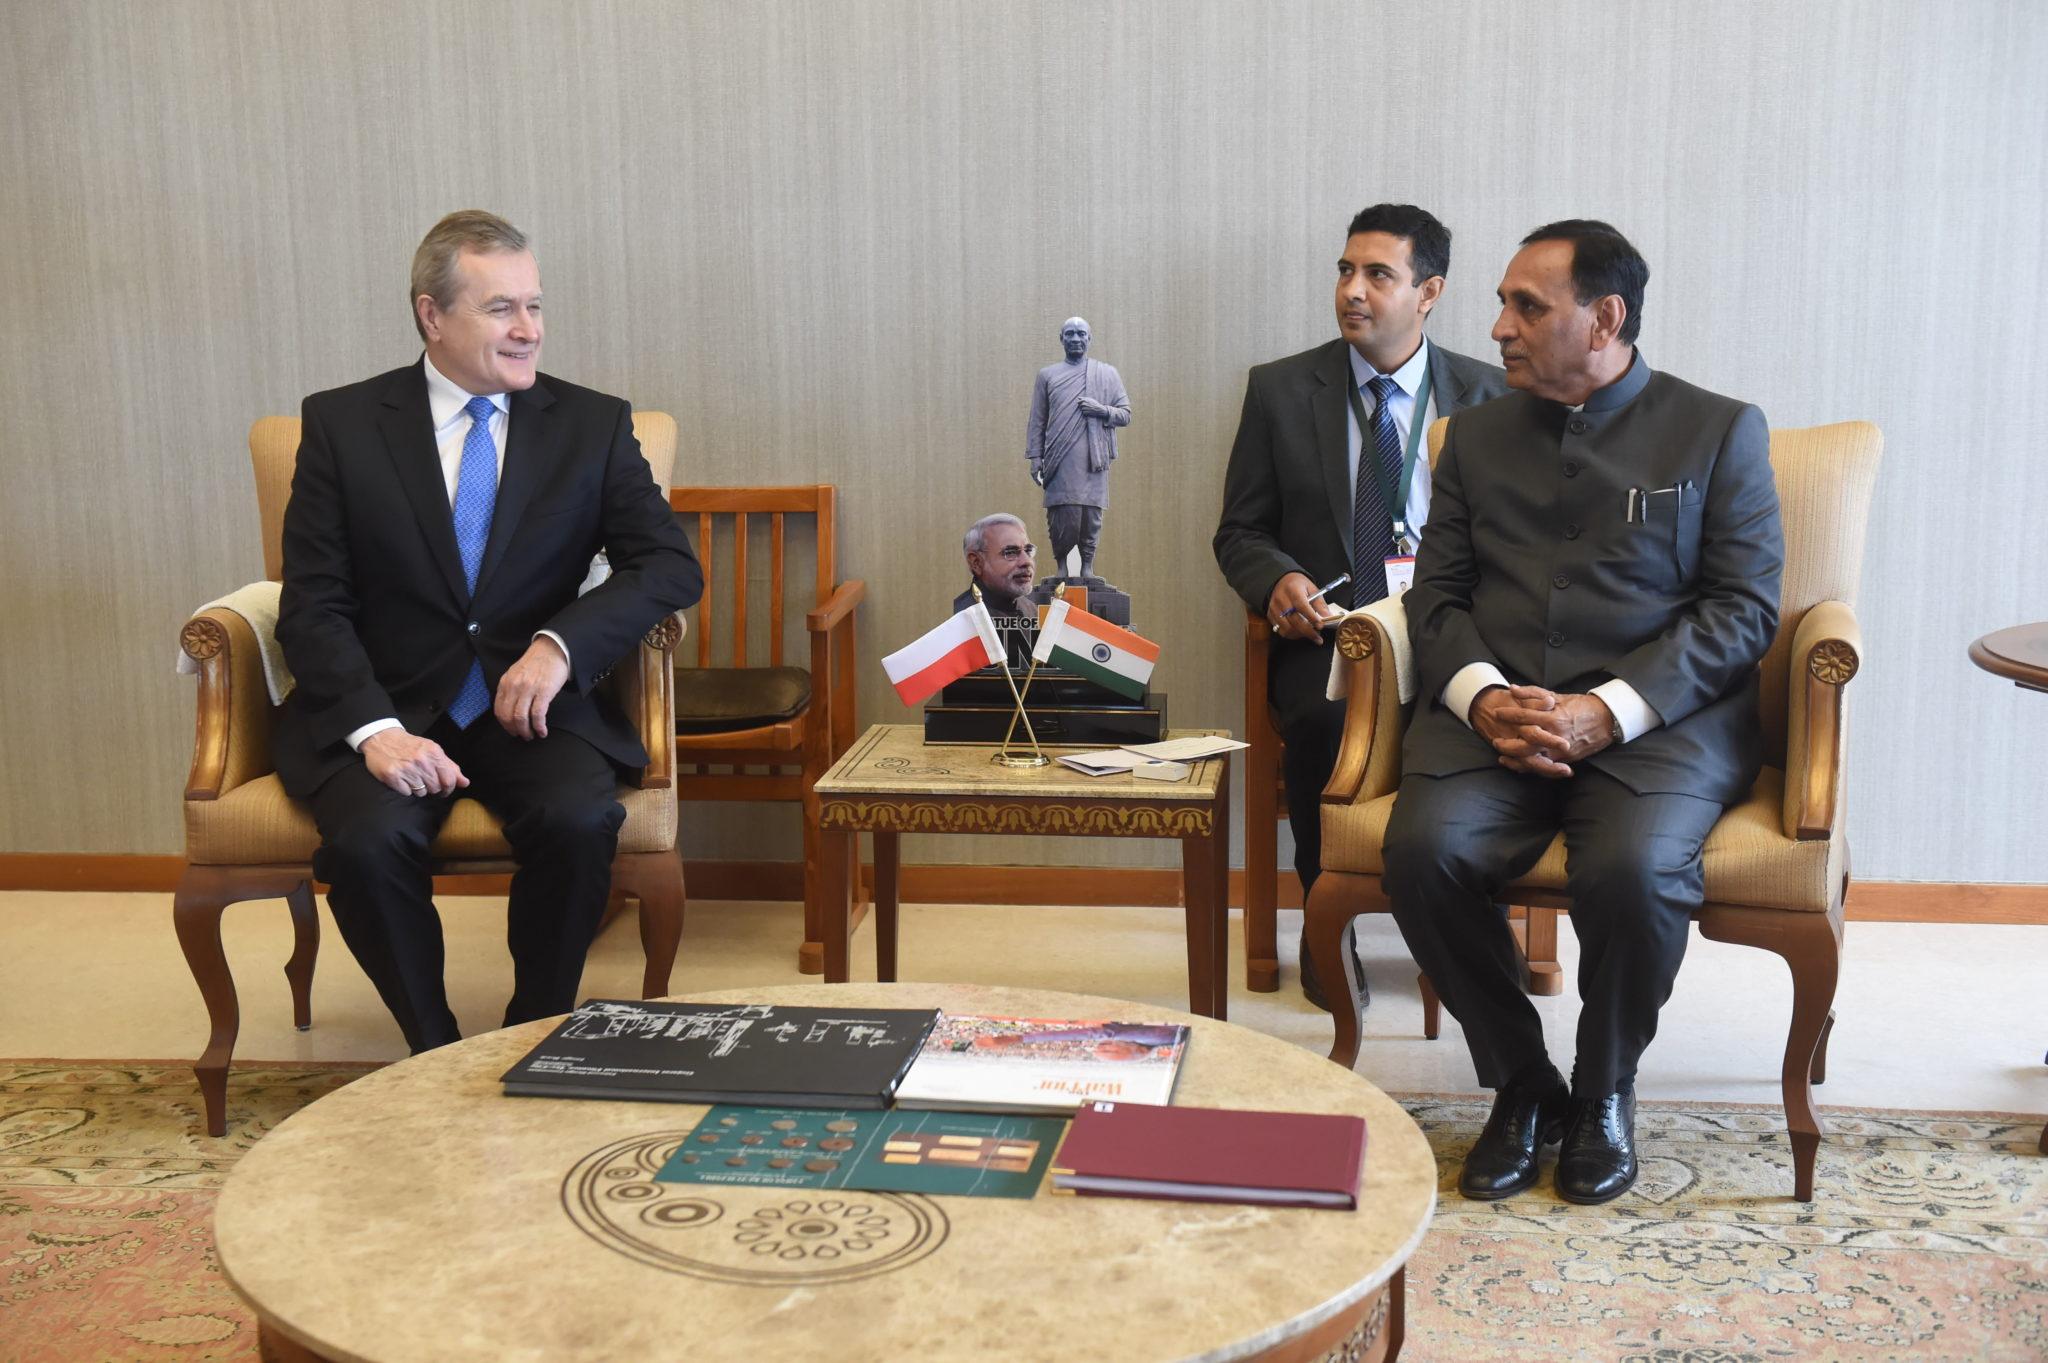 Indie: wizyta Ministra Kultury i Dziedzictwa Narodowego Piotra Glińskiego w Gandhinagar (foto. PAP/Grzegorz Michałowski)